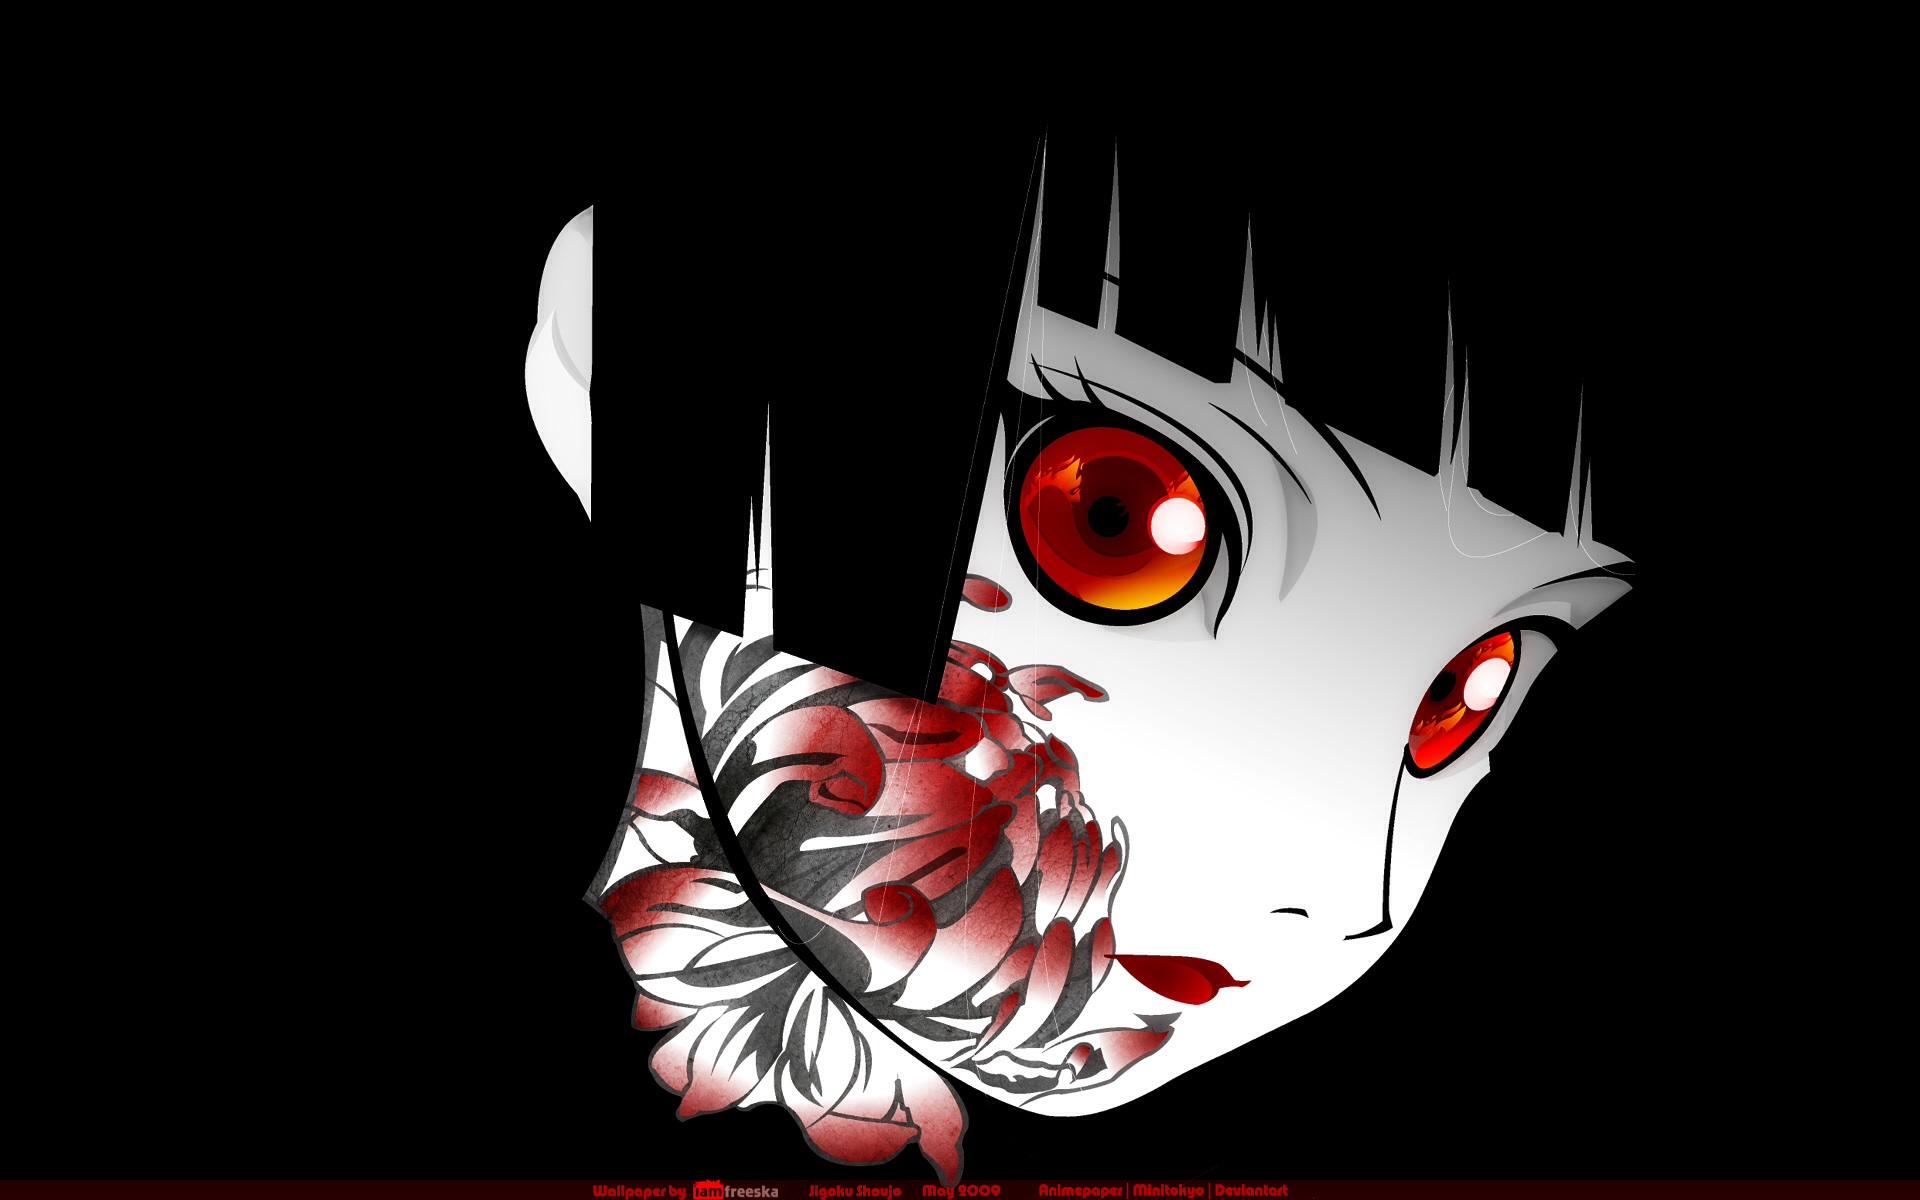 Horror Anime Manga Images Enma Ai Jigoku Shoujo Hd Fond D Ecran